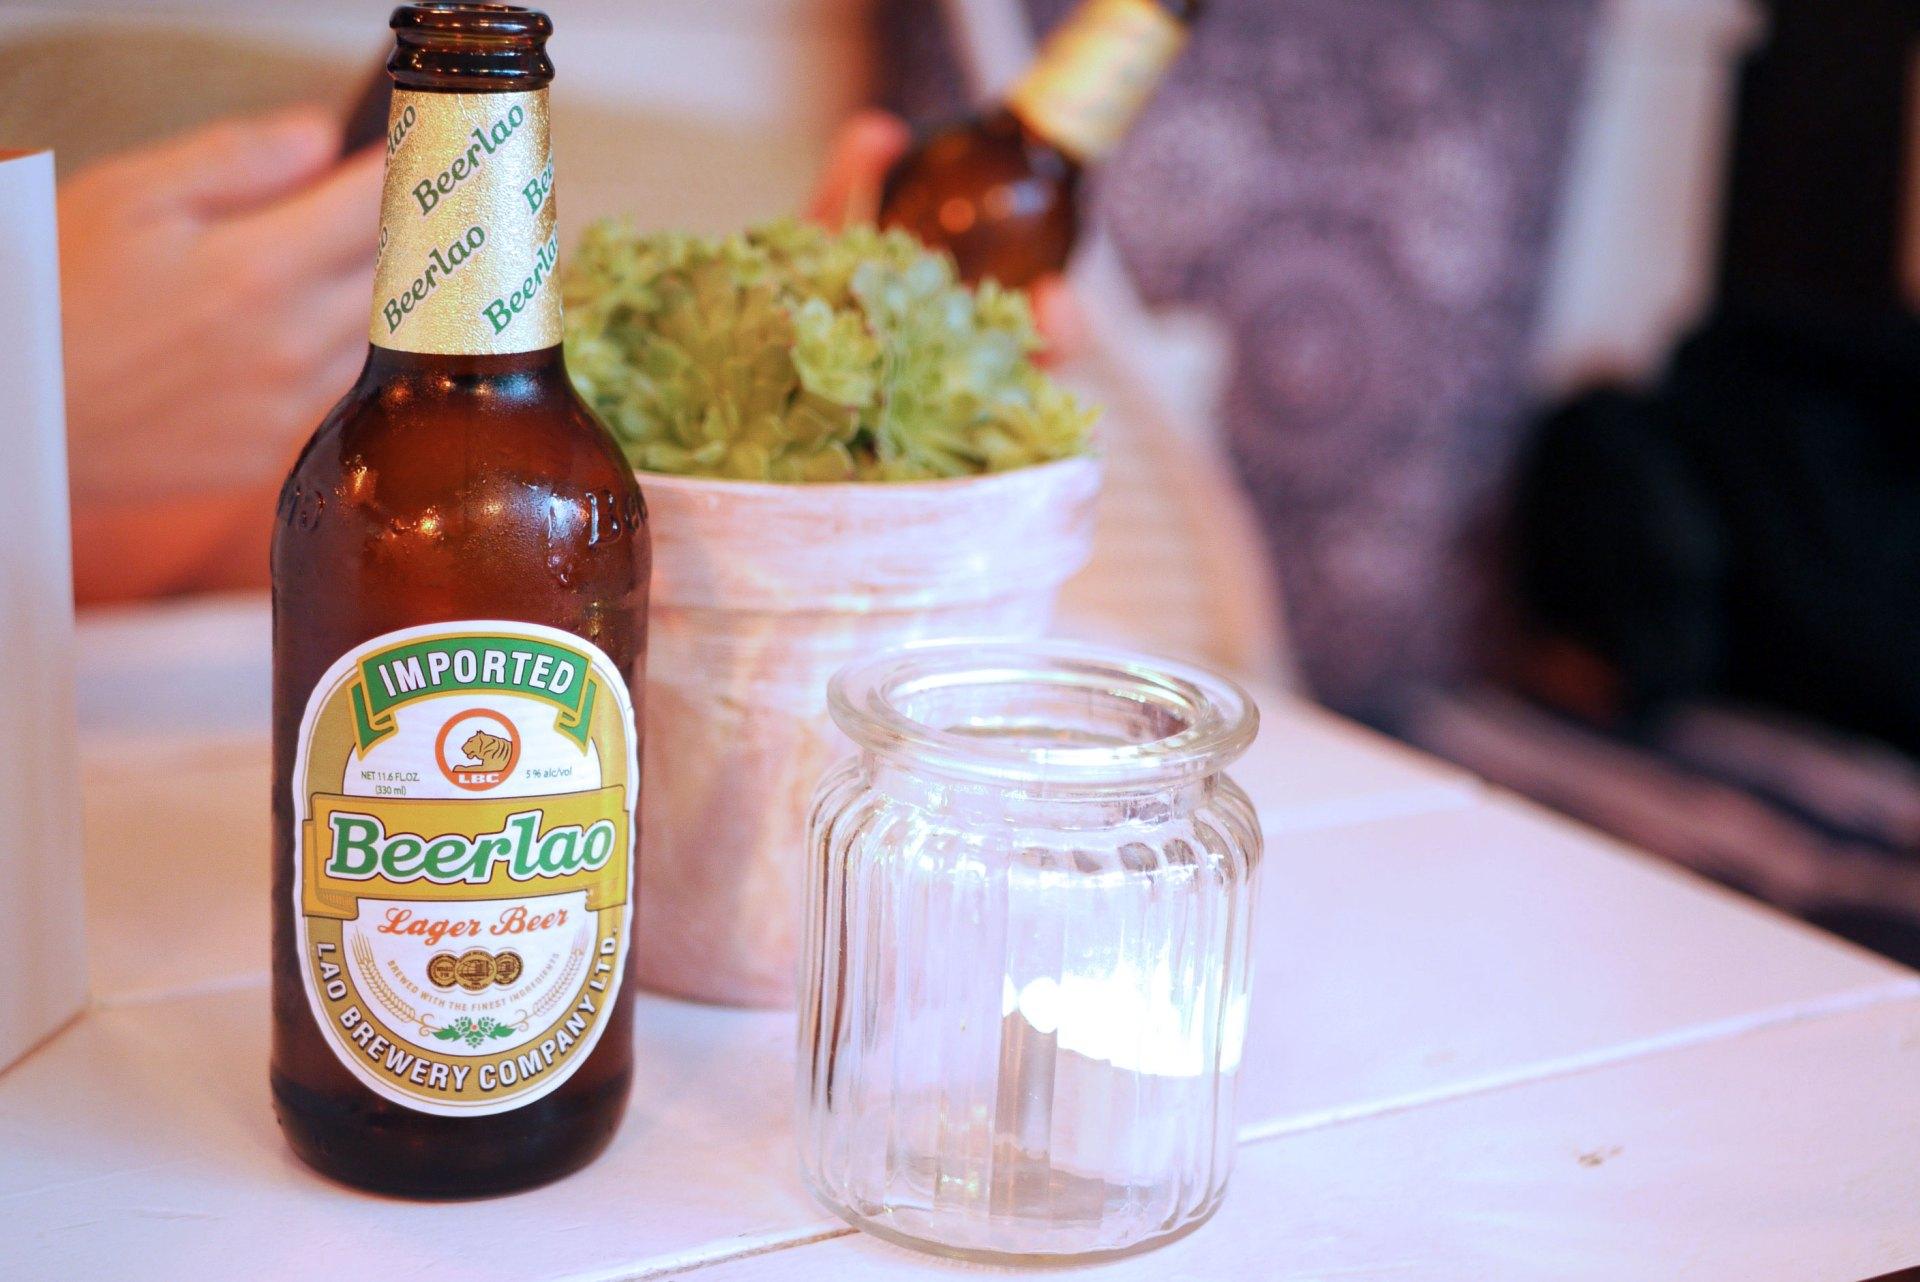 Beer Lao, rice beer £4.50